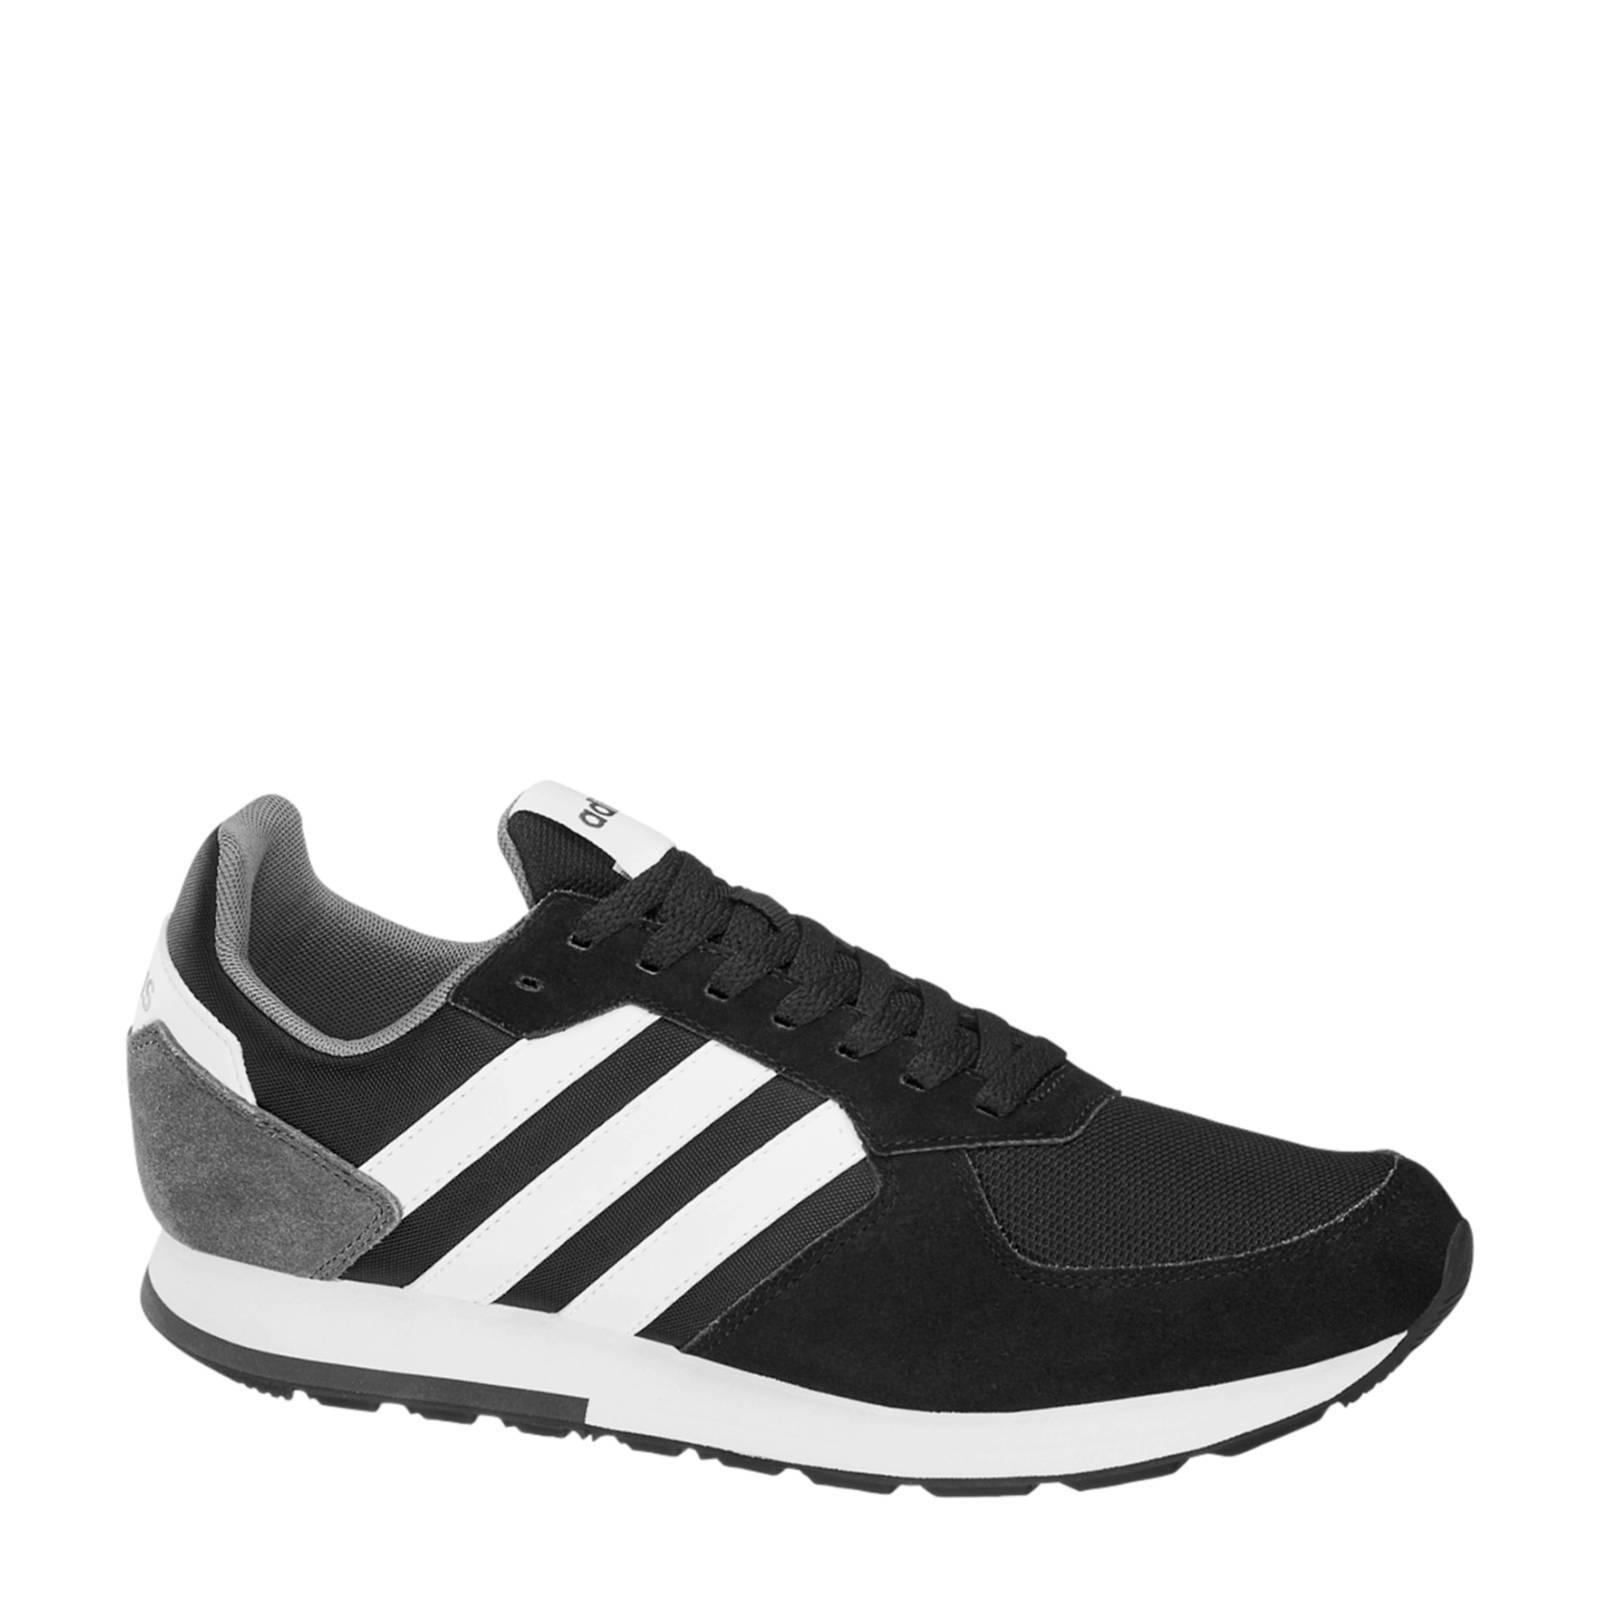 adidas 8K leren sneakers zwart | wehkamp